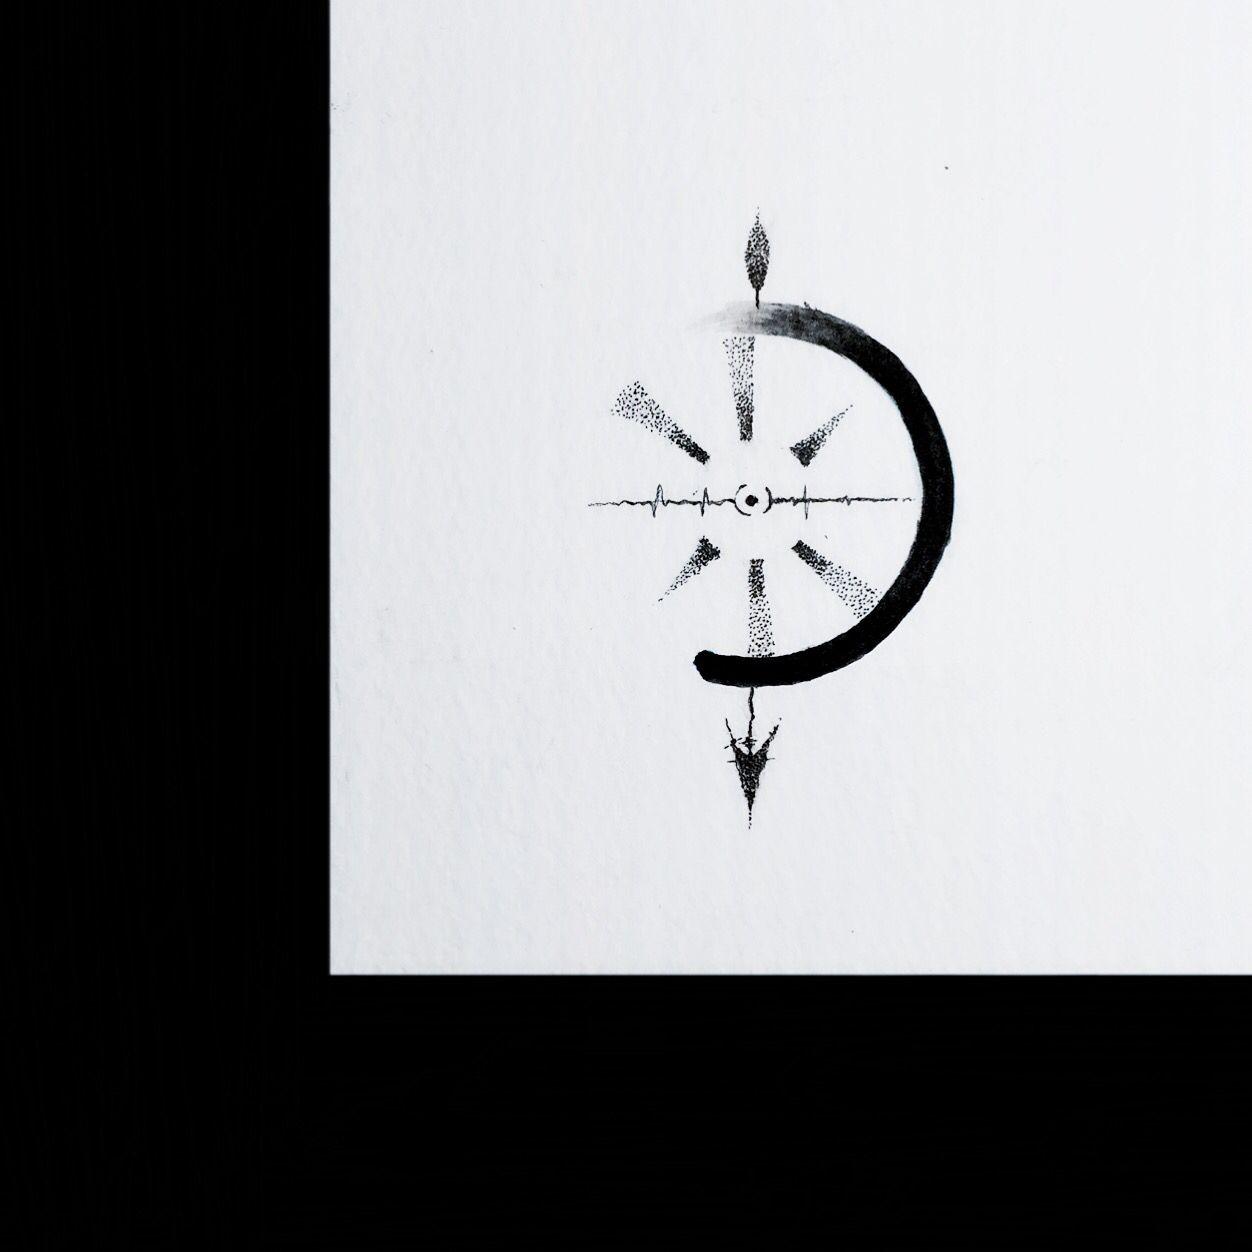 #compass Tattoo work question: Kakaotalk ID-Dhkp .  #korea#koreatattoo#tattoo#tattoos#tattooart#tattoowork#linetattoo#drawing#ilust#dark#tattooflash#ilustration#tattooflash#traditionaltattoo#blackwork#blackworker#watercolor#watercolortattoo#minitattoo#blackinkmag#blacktattoomag#타투#라인타투#타투도안#홍대타투#일러스트#타투플래쉬#드로잉#타투디자인#행크타투#감성타투#수채화타투#미니타투